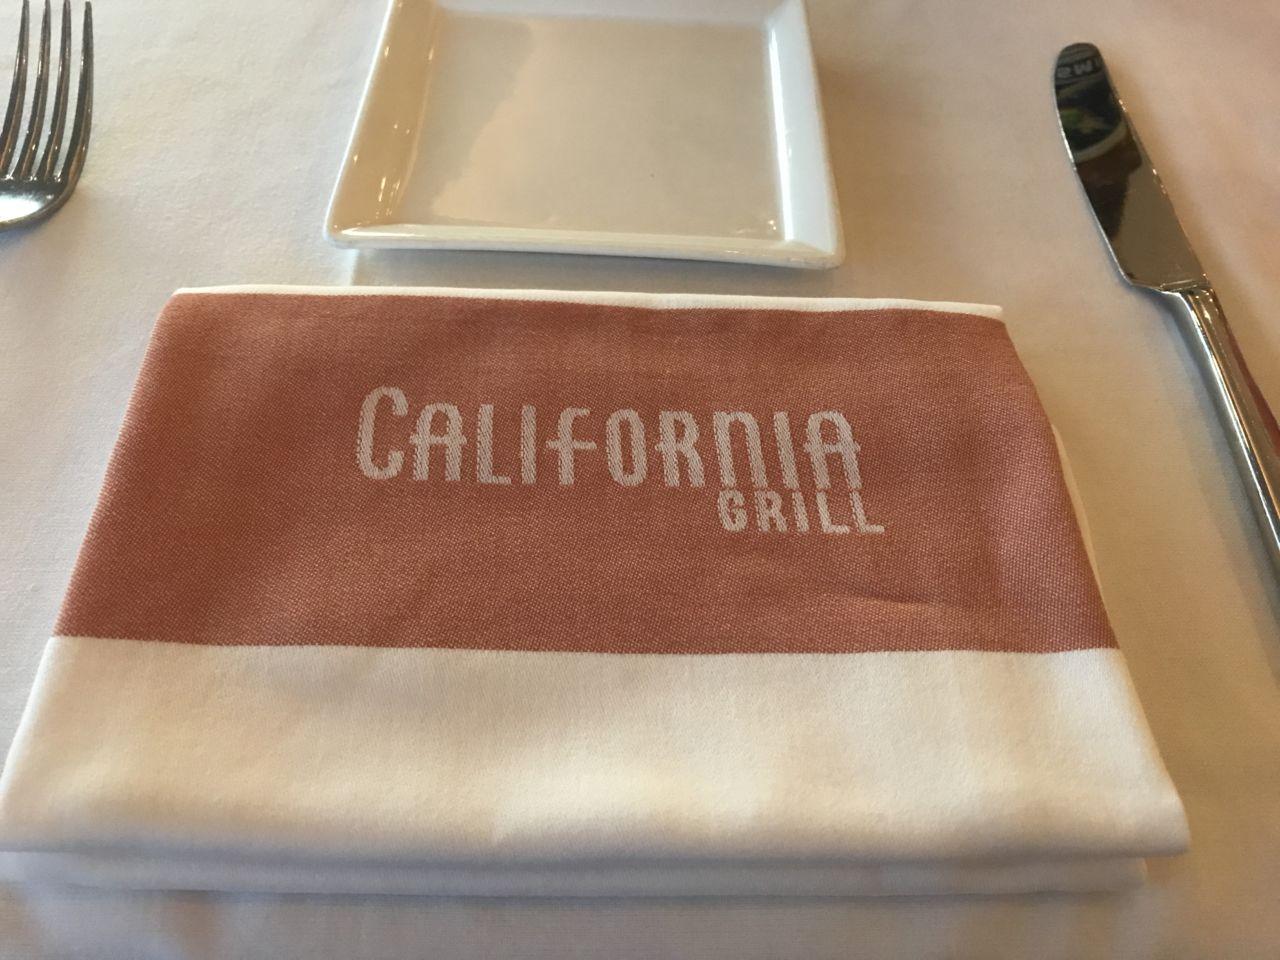 California Grill napkin